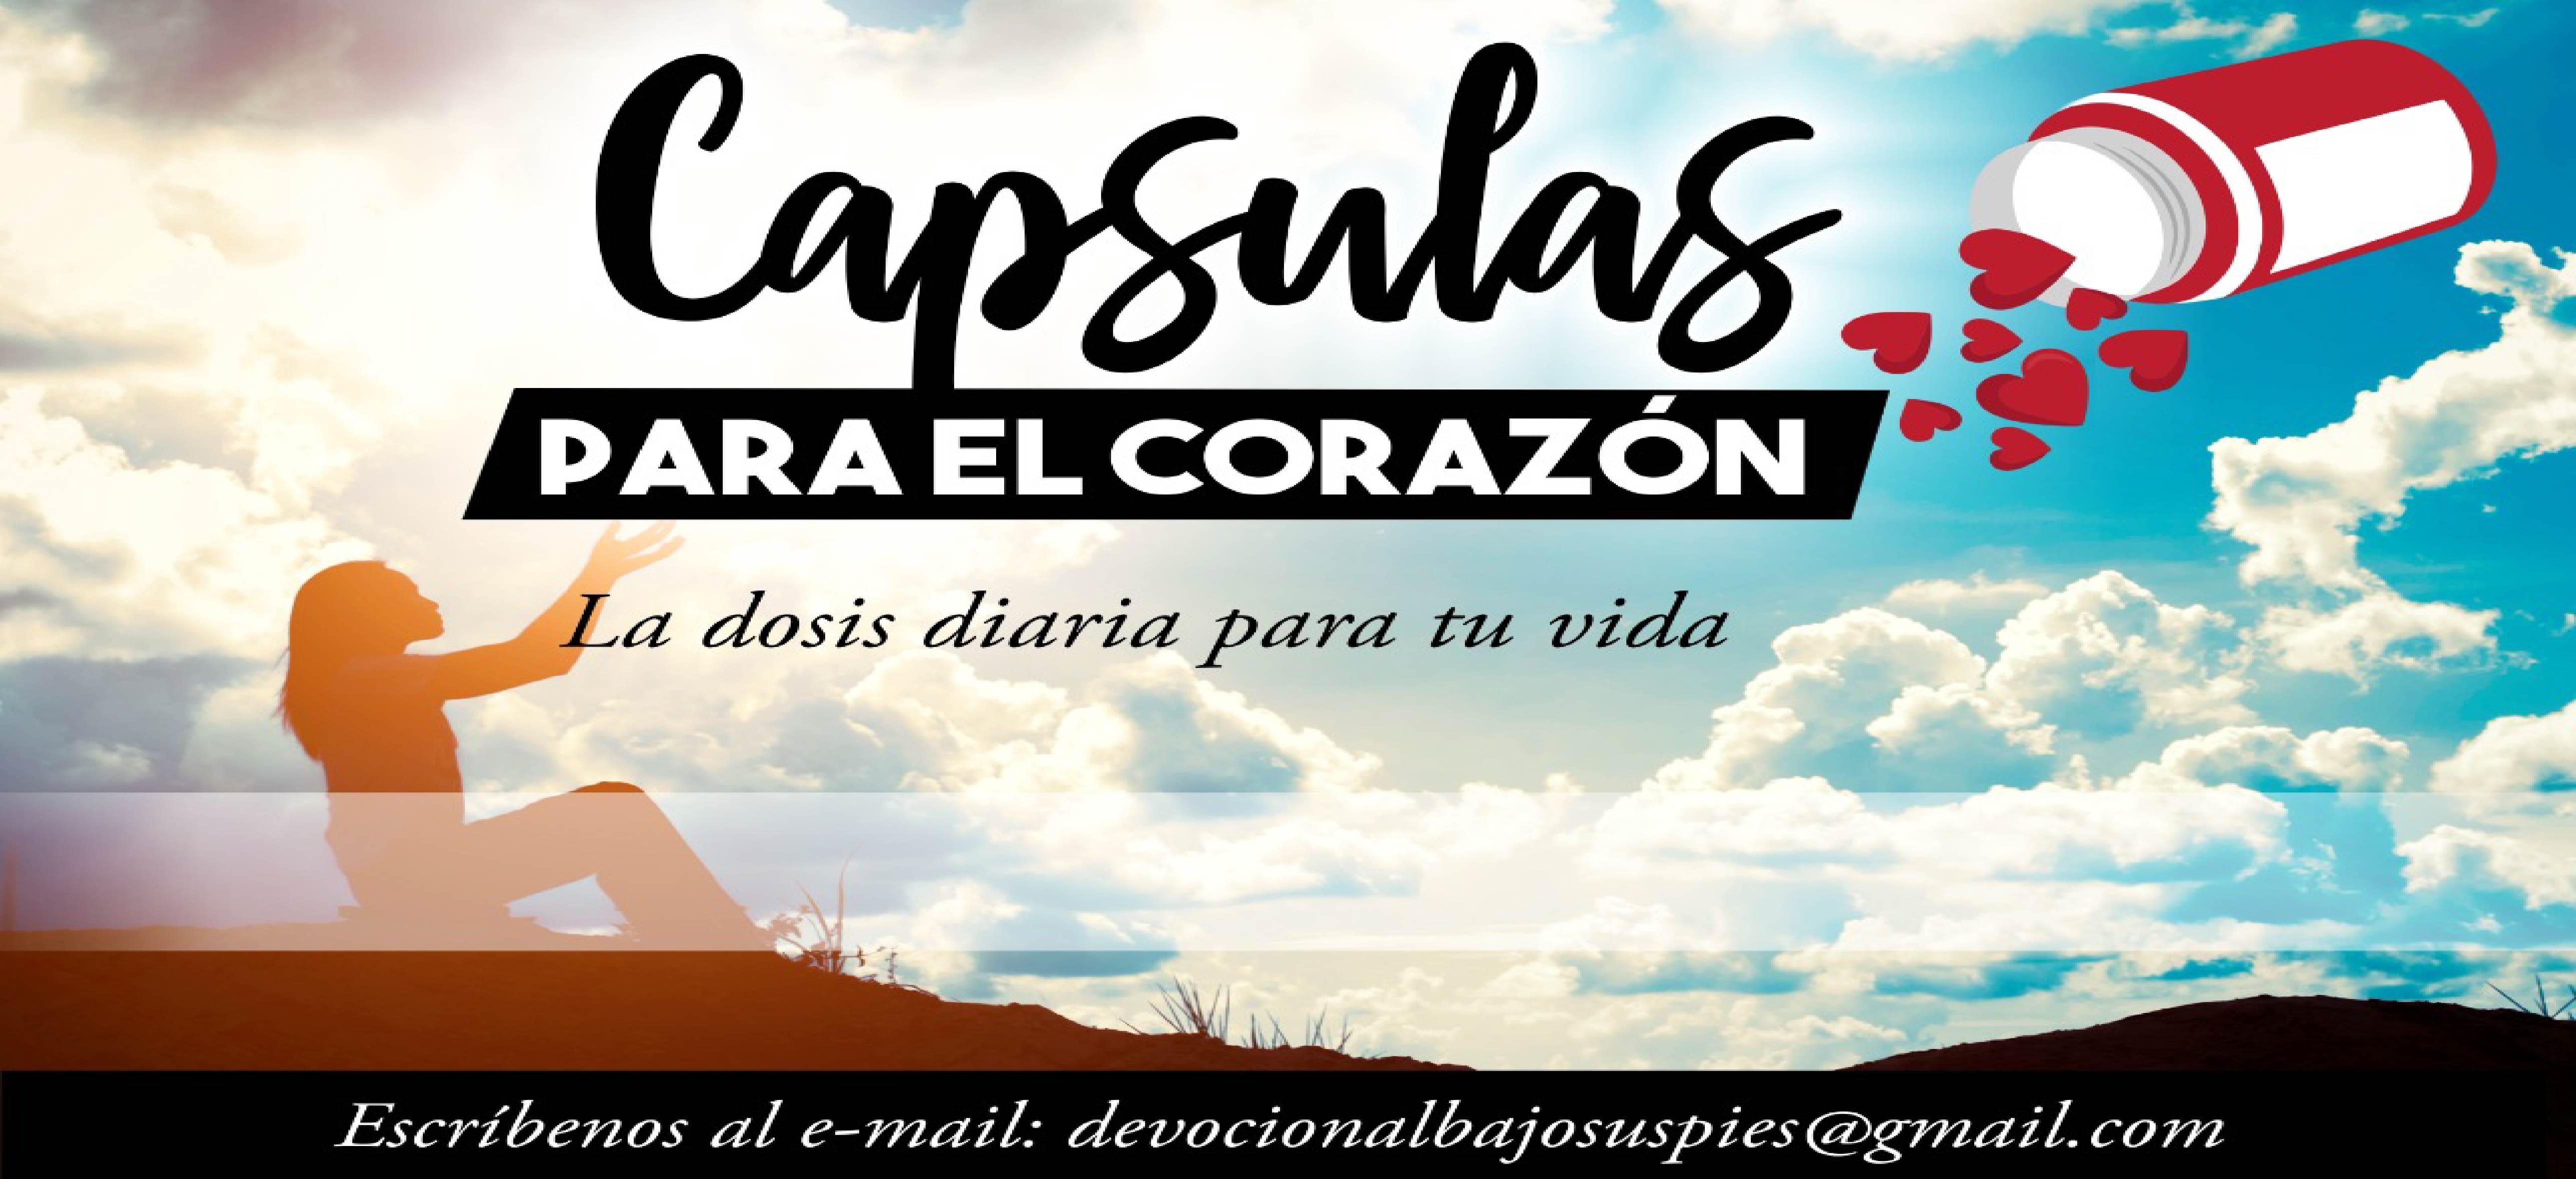 CAPSULAS PARA EL CORAZON